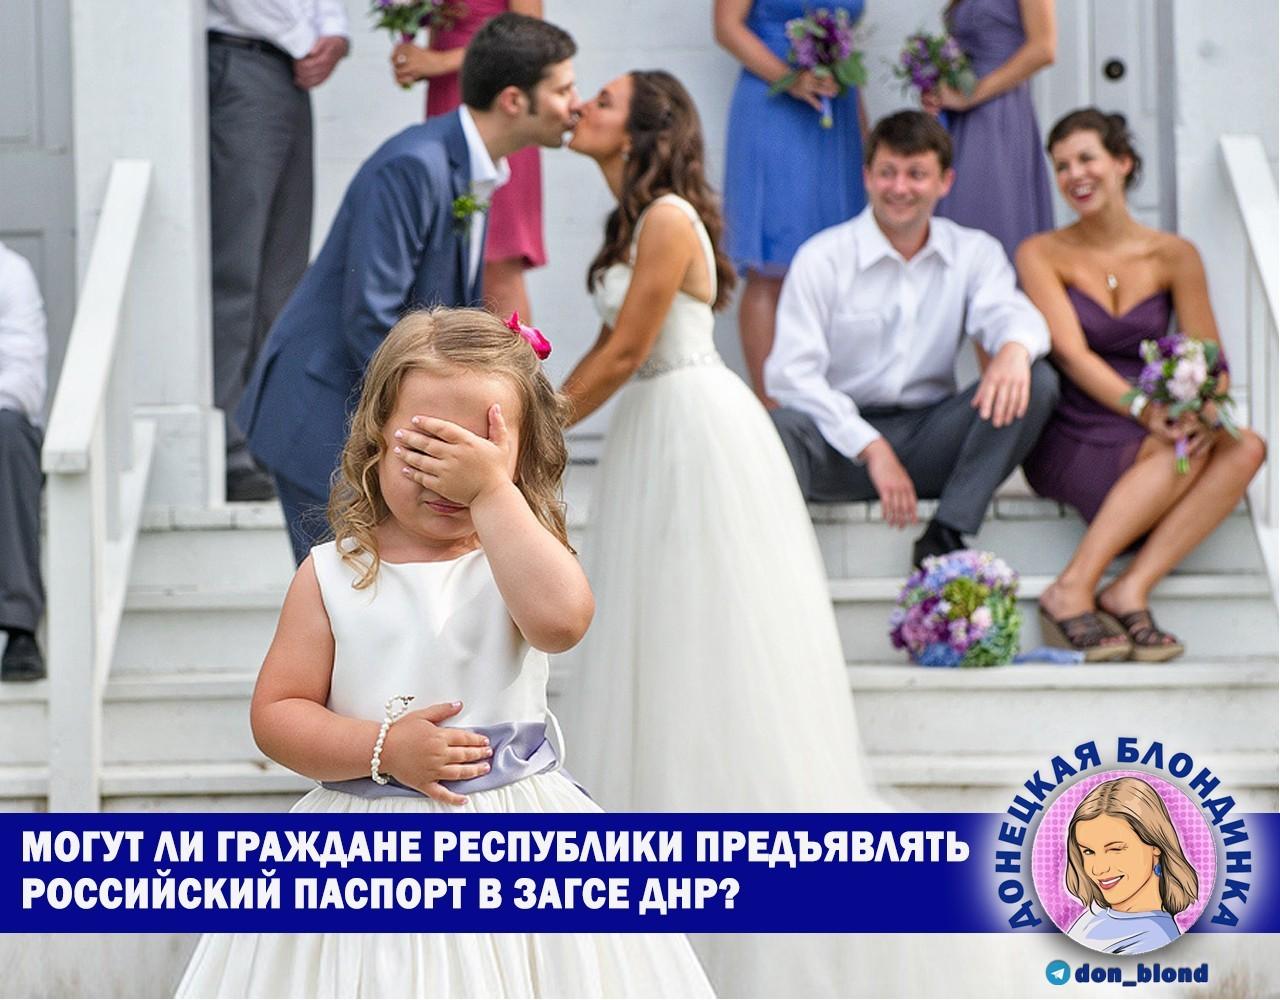 Можно ли предъявлять российский паспорт в ЗАСГе ДНР?